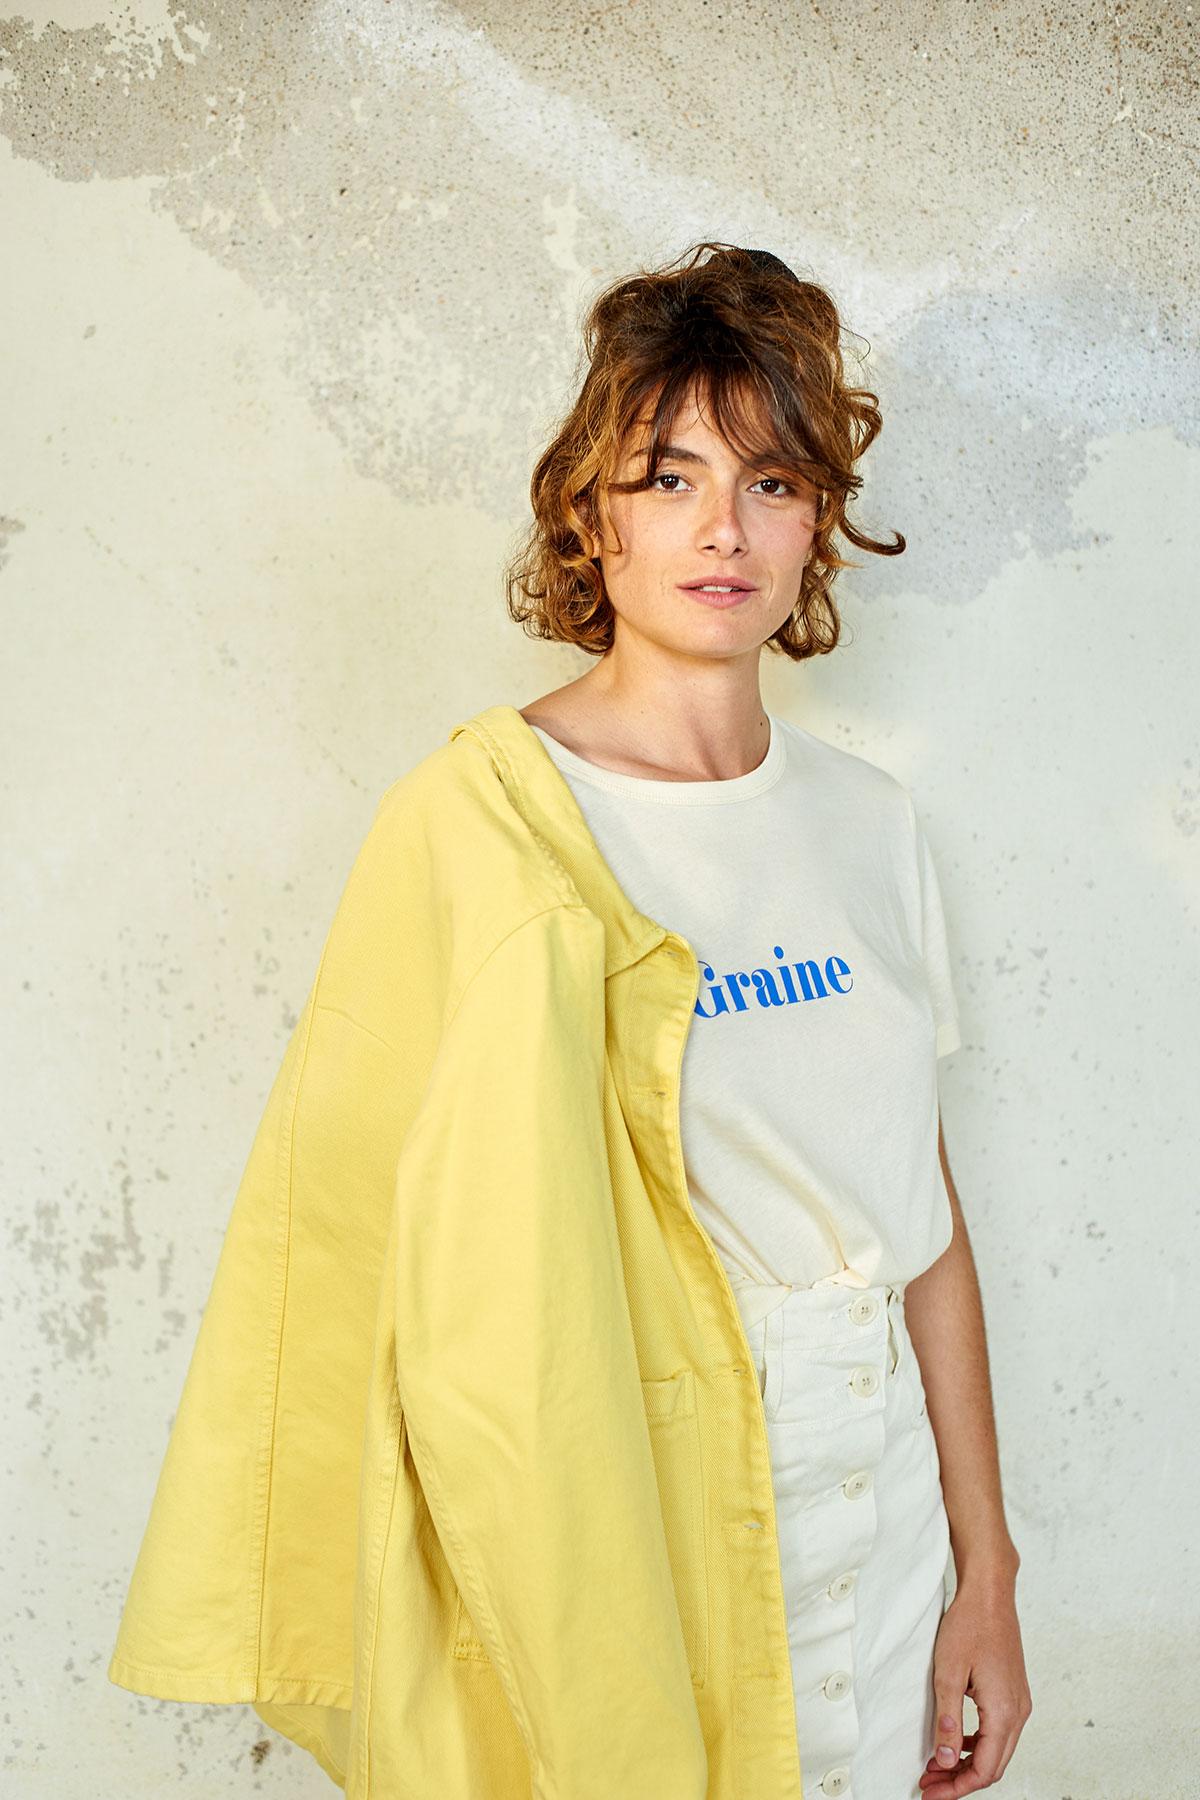 Graine - SS20 - Vestes et chemises - Modèle Justine Mothe - Photo Melvin Israel